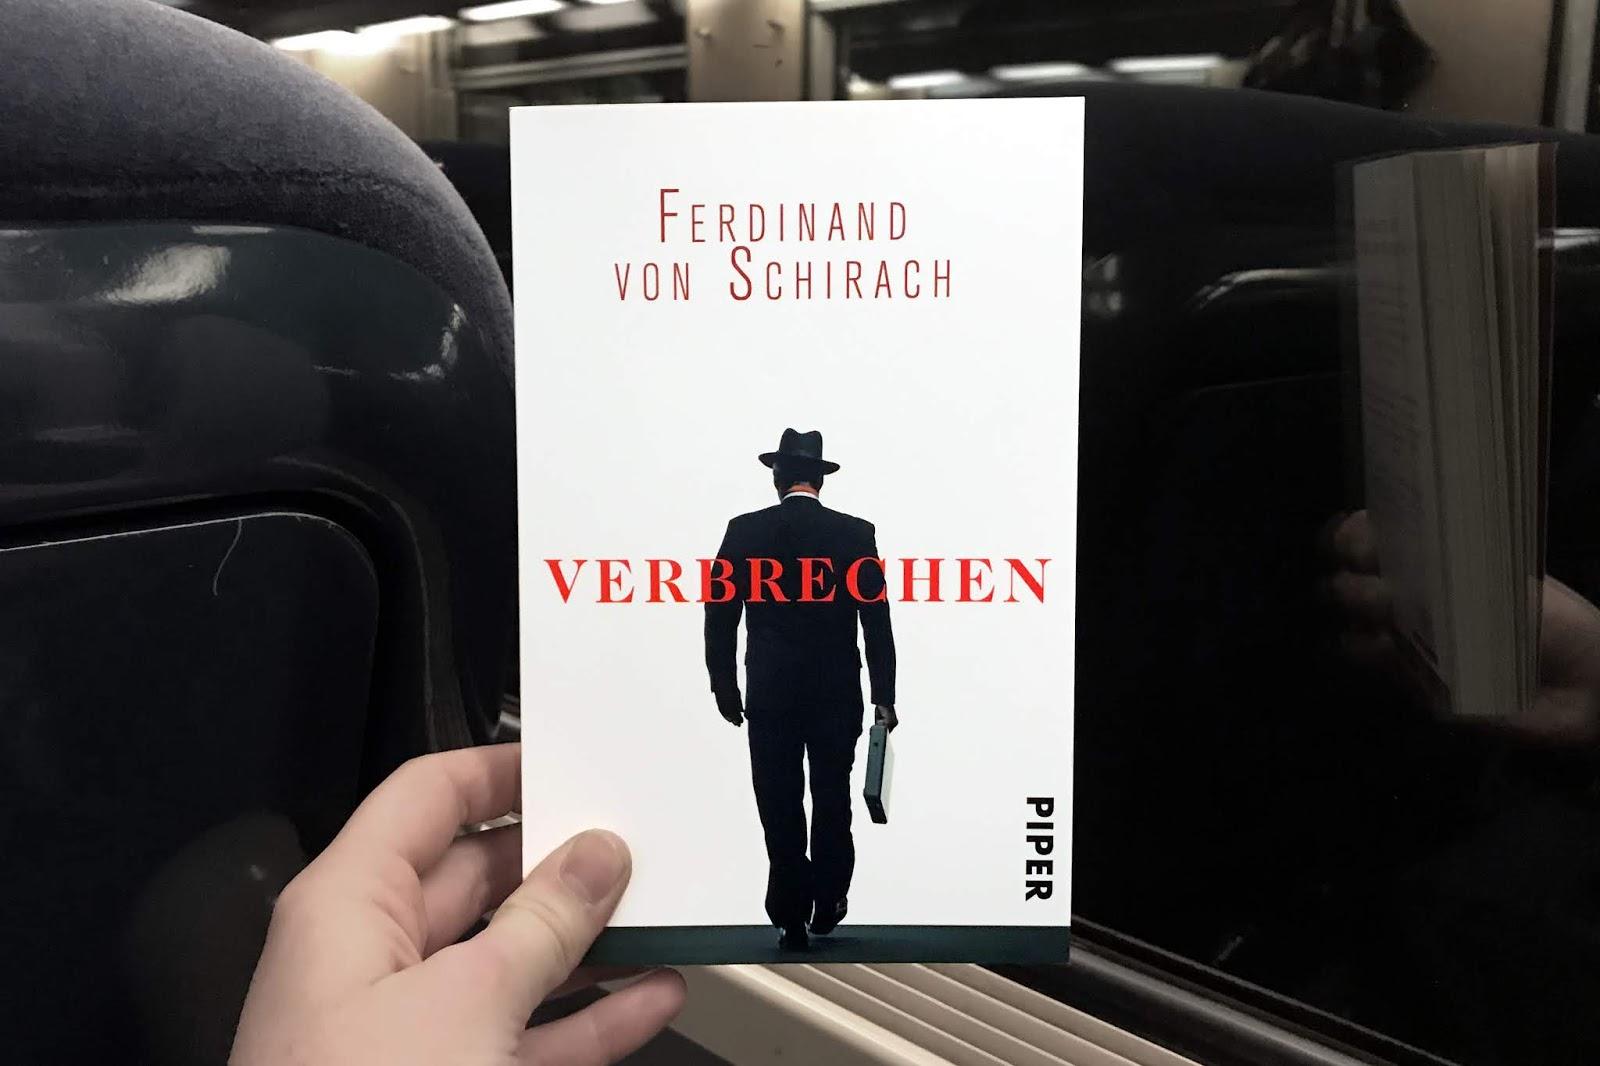 Rezension Das Haus der bunten Bücher Ferdinand von Schirach Verbrechen